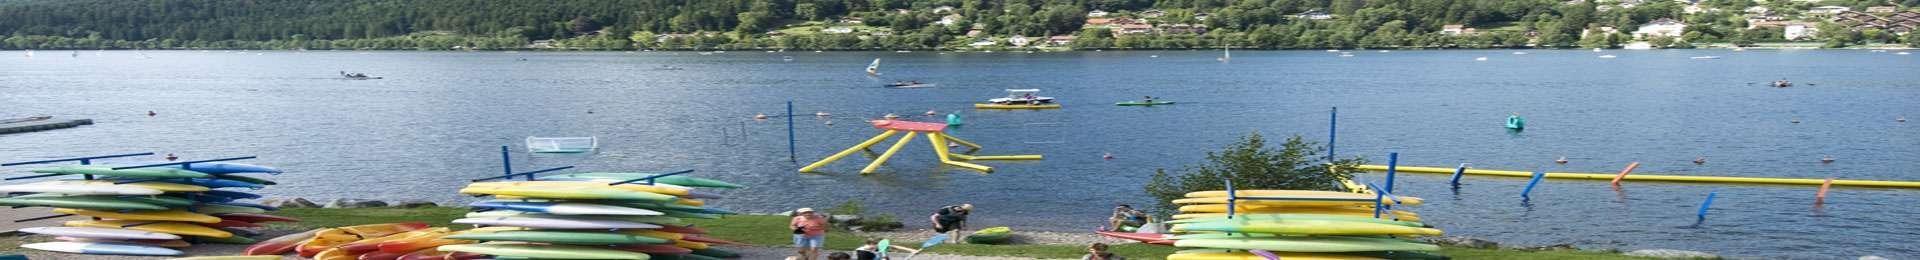 base nautique lac Gérardmer